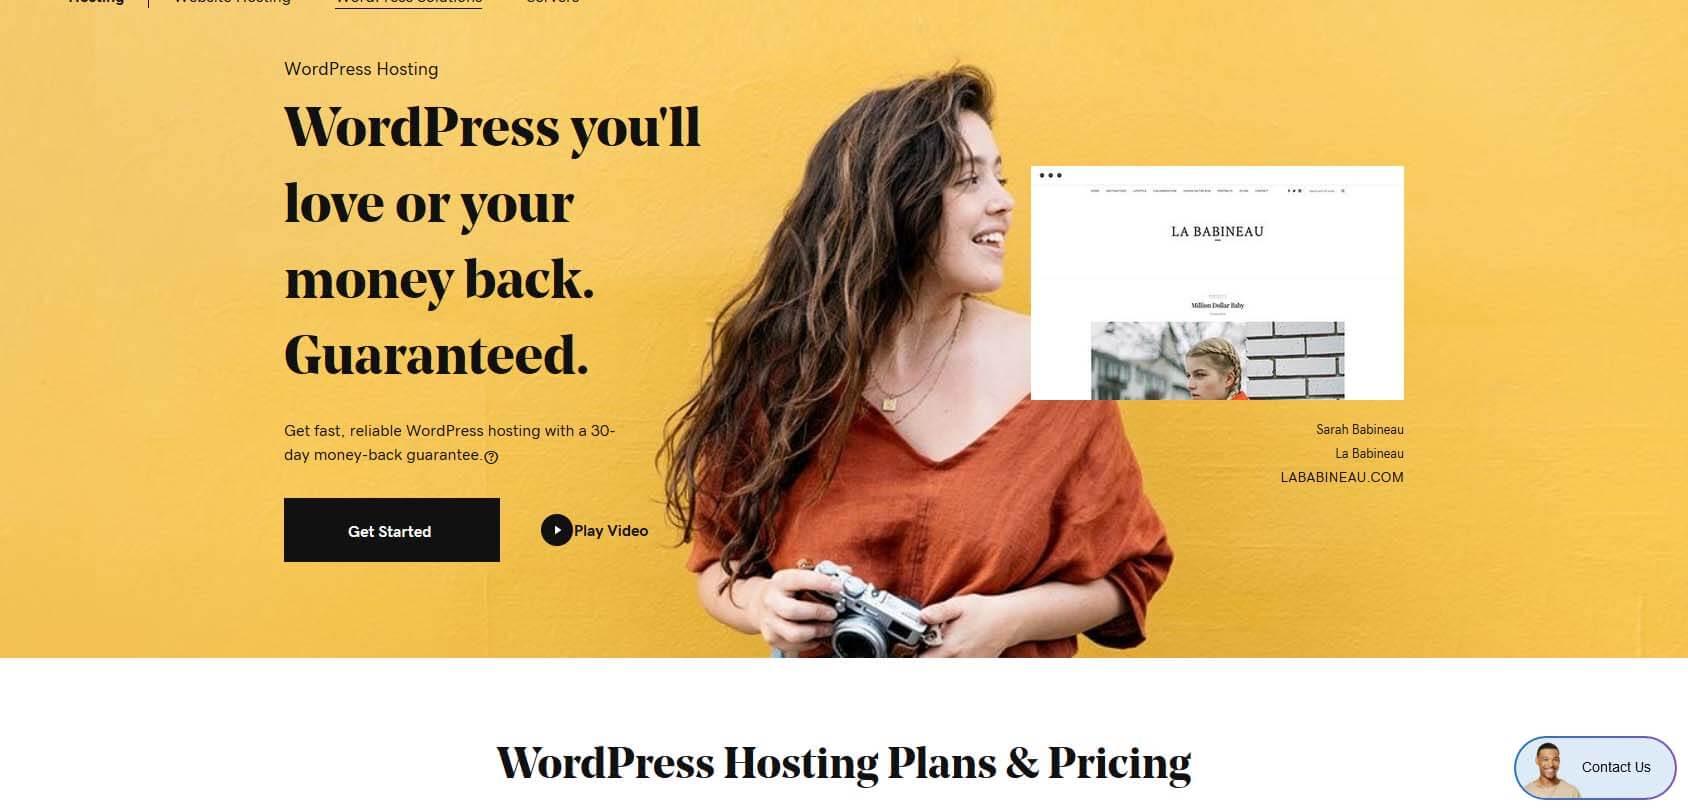 Как установить WordPress - пошаговое руководство для начинающих